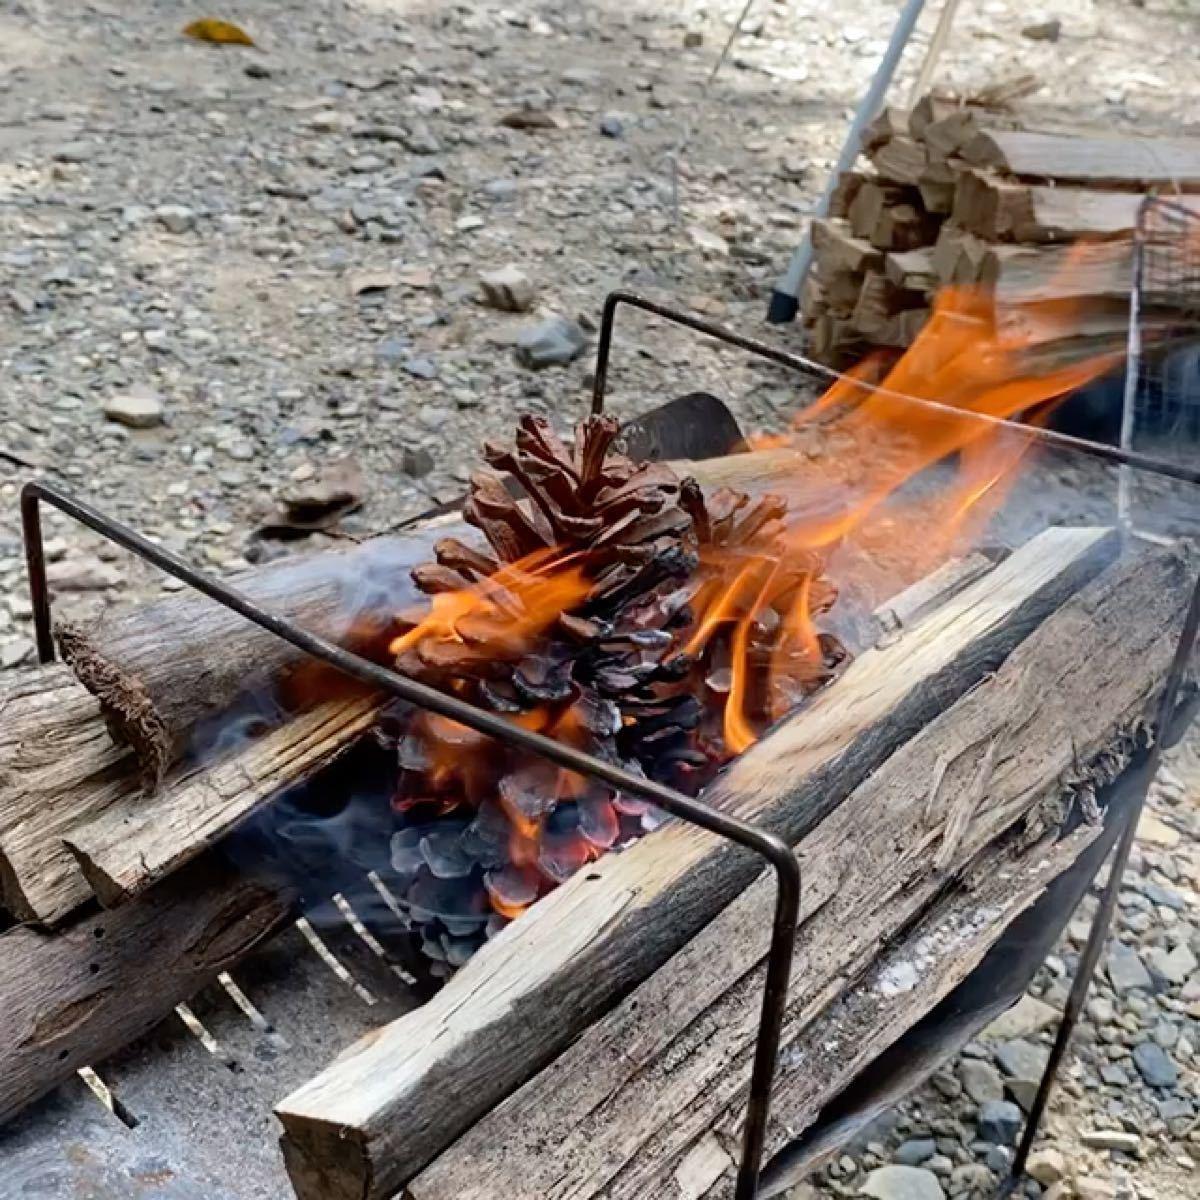 特大松ぼっくり入り 天然着火剤 焚き火 BBQ リース ハンドメイド素材に 12個入り